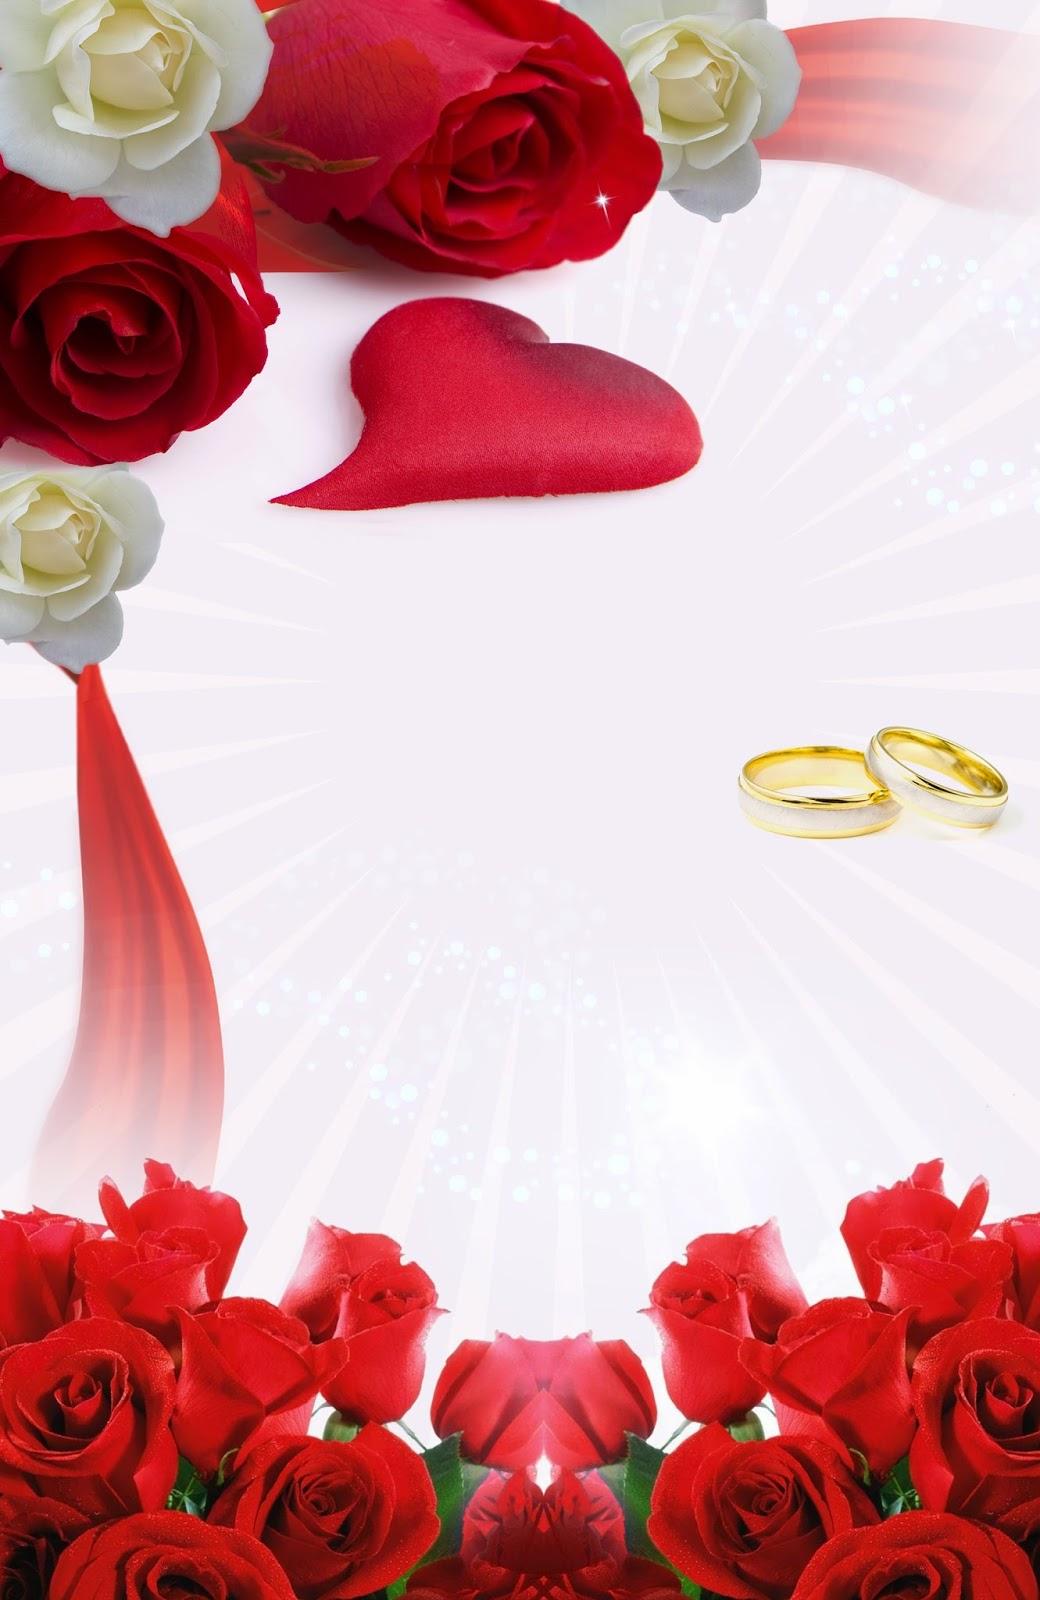 Imagenes de amor y amistad: Imagenes de Rosas rojas